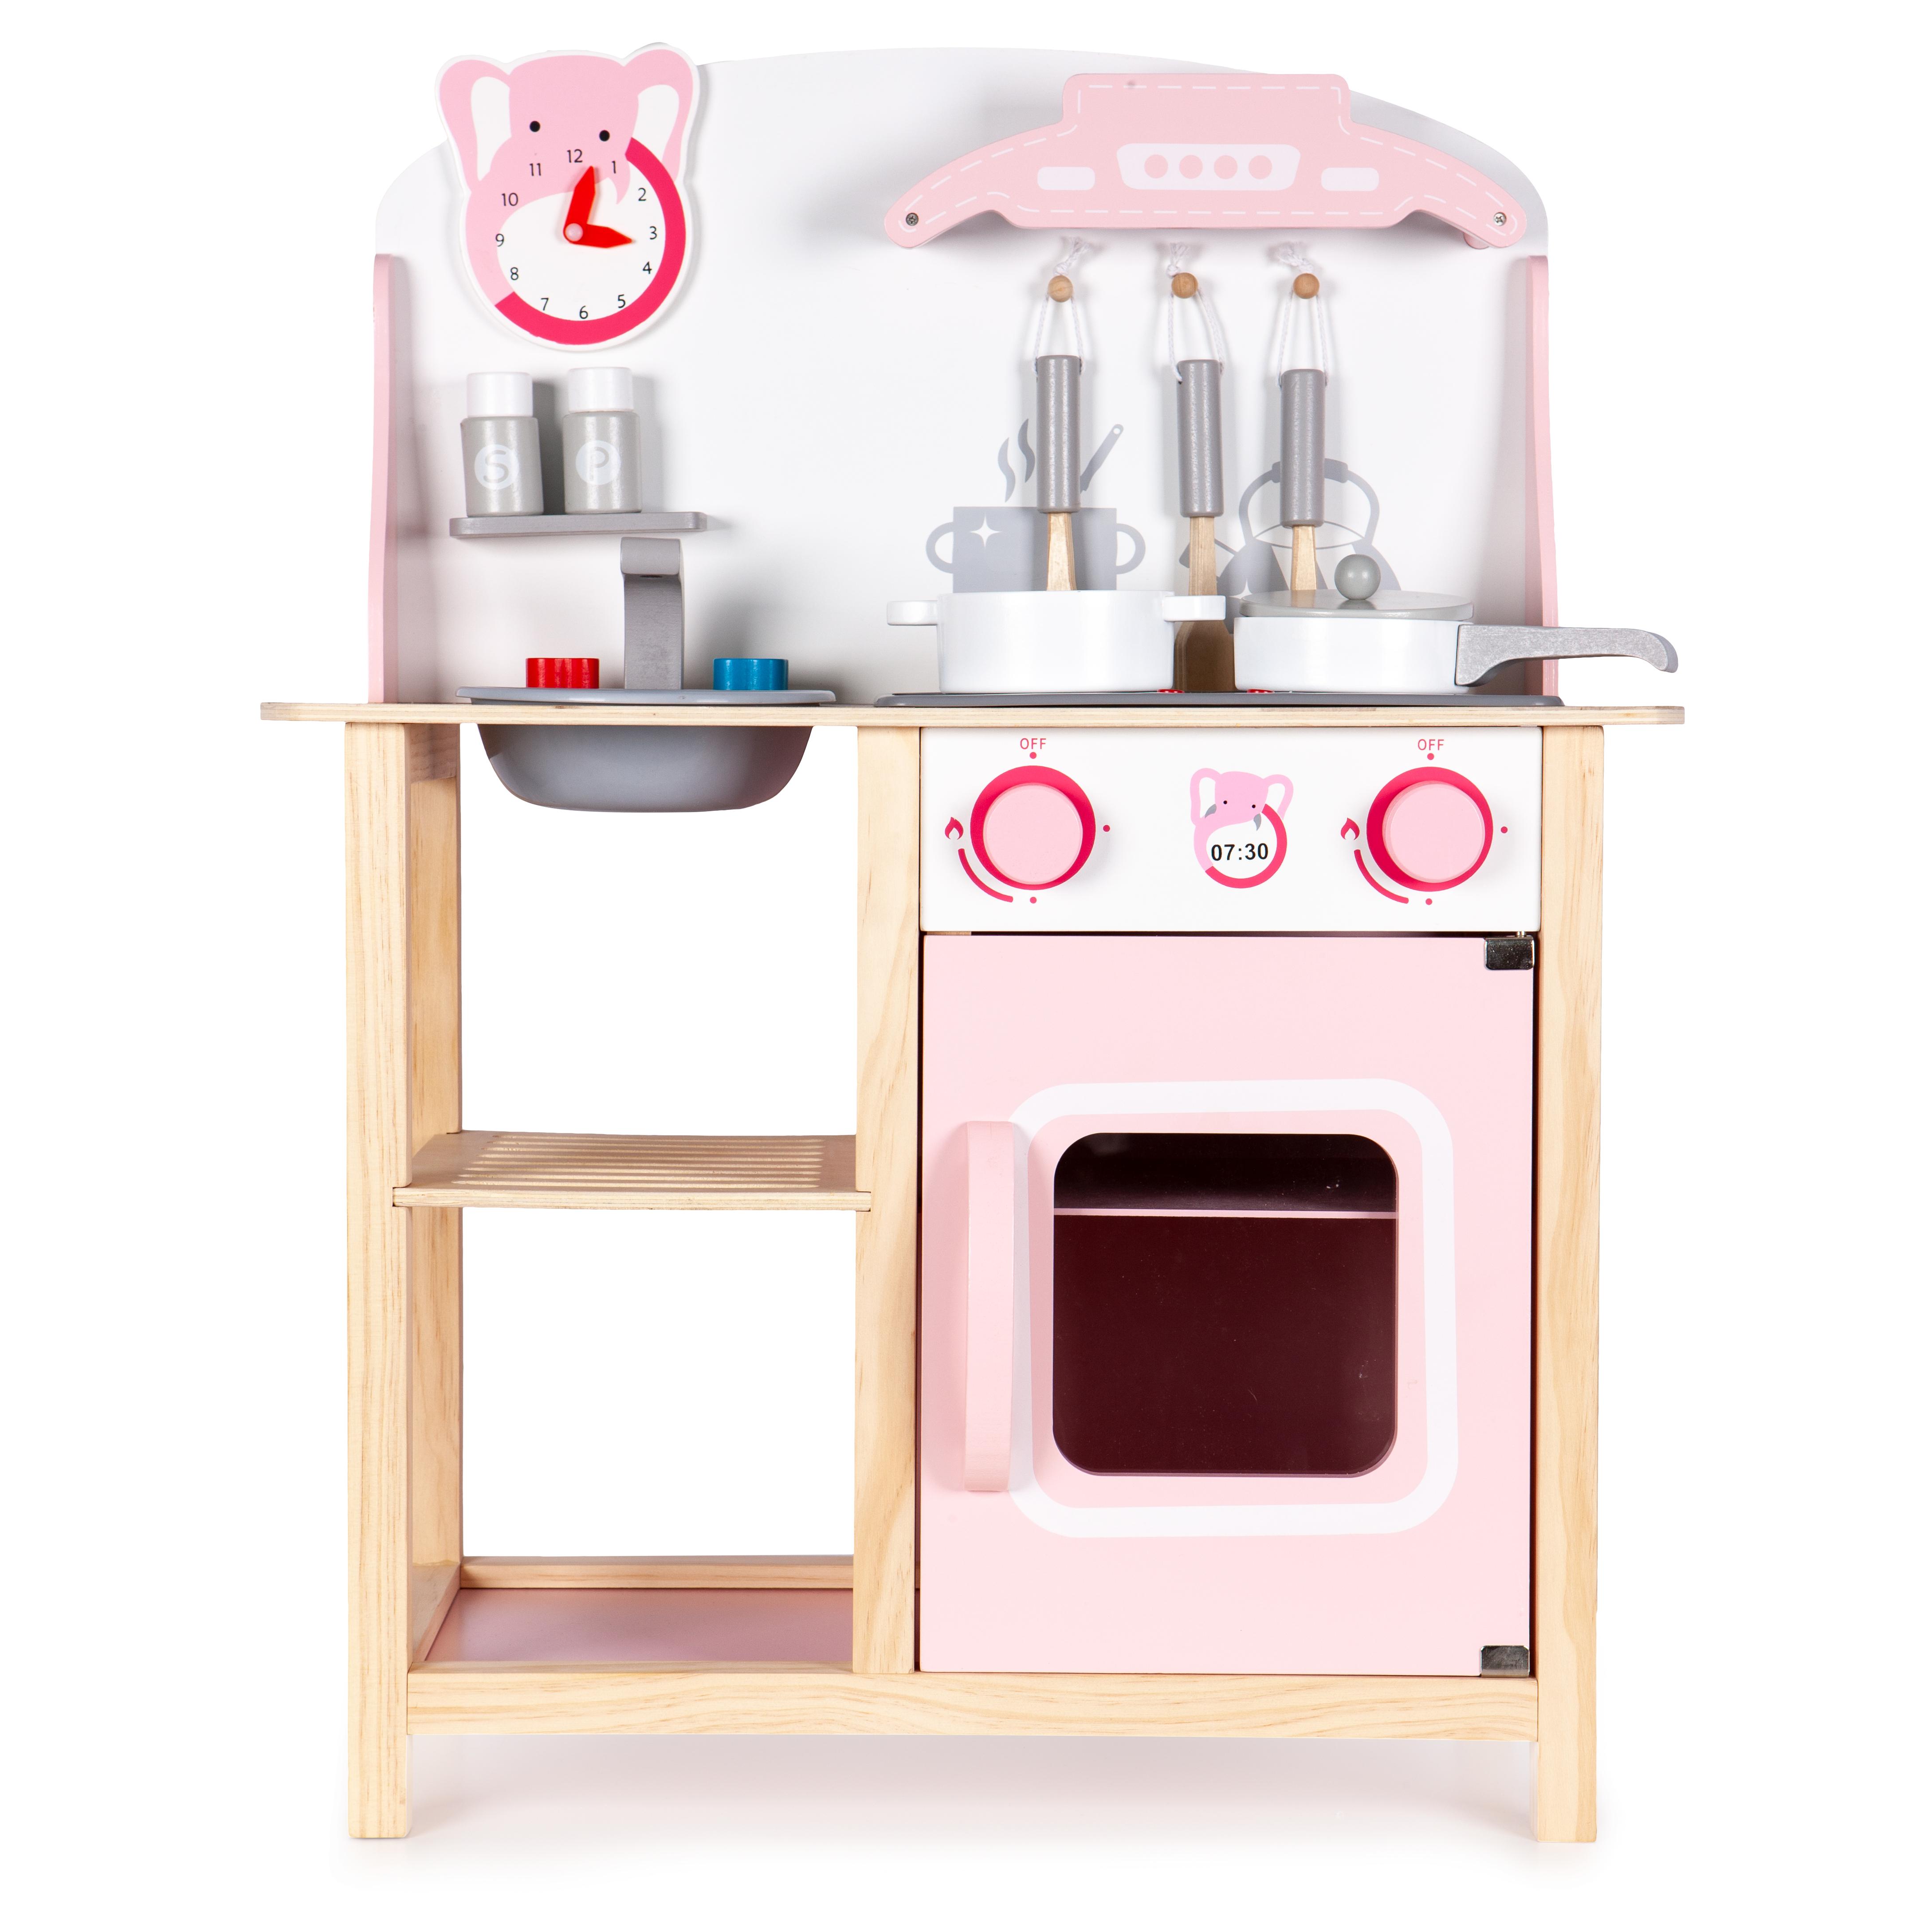 Drewniana kuchnia dla dzieci